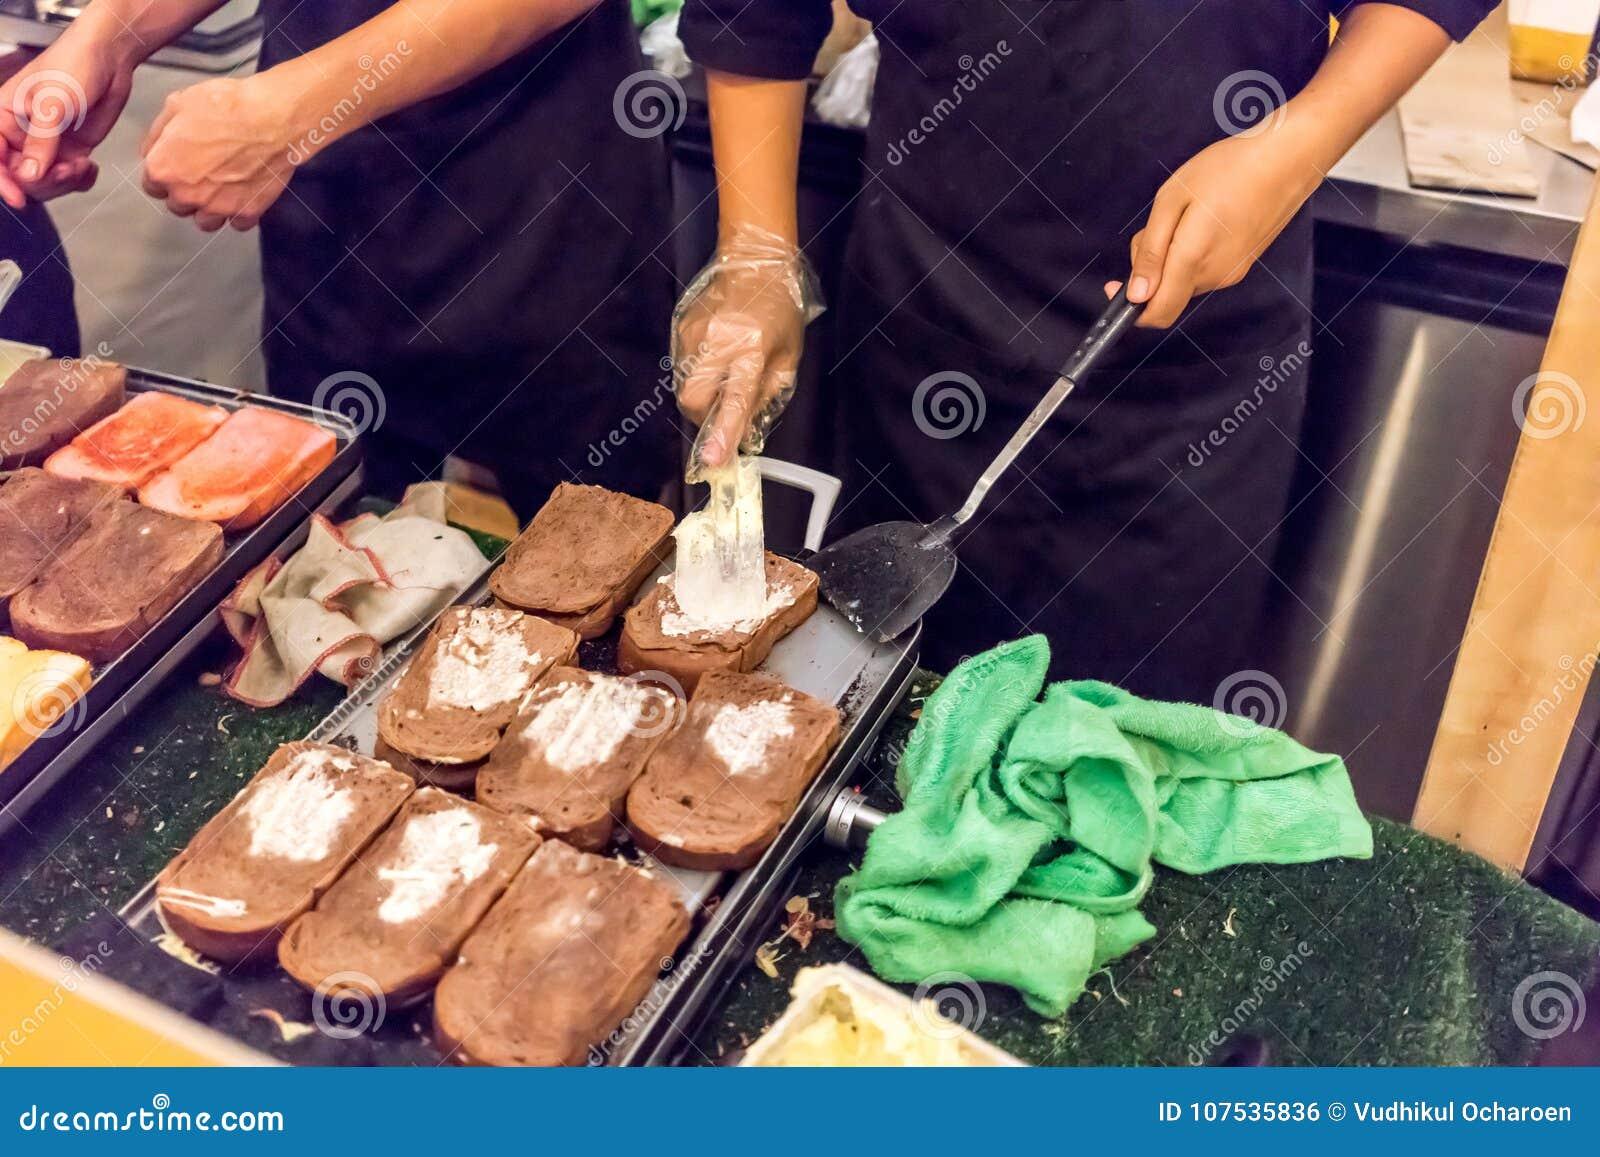 Mains répandant le beurre sur la variété de tranche fraîchement grillée de pain